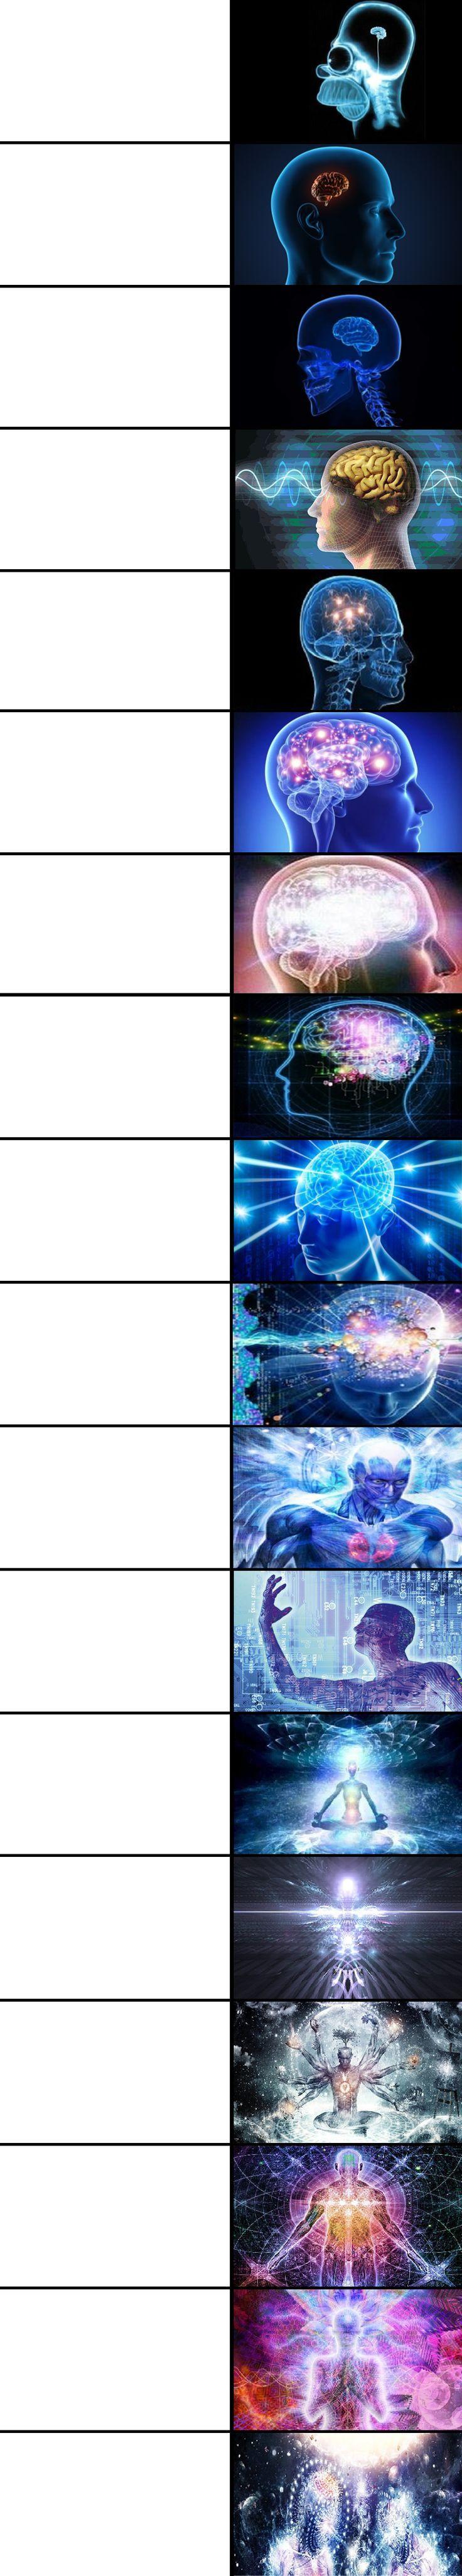 Vorlage Erweitern Erweitern Rands Vorlage Meme Vorlage Vorlagen Gehirn Meme